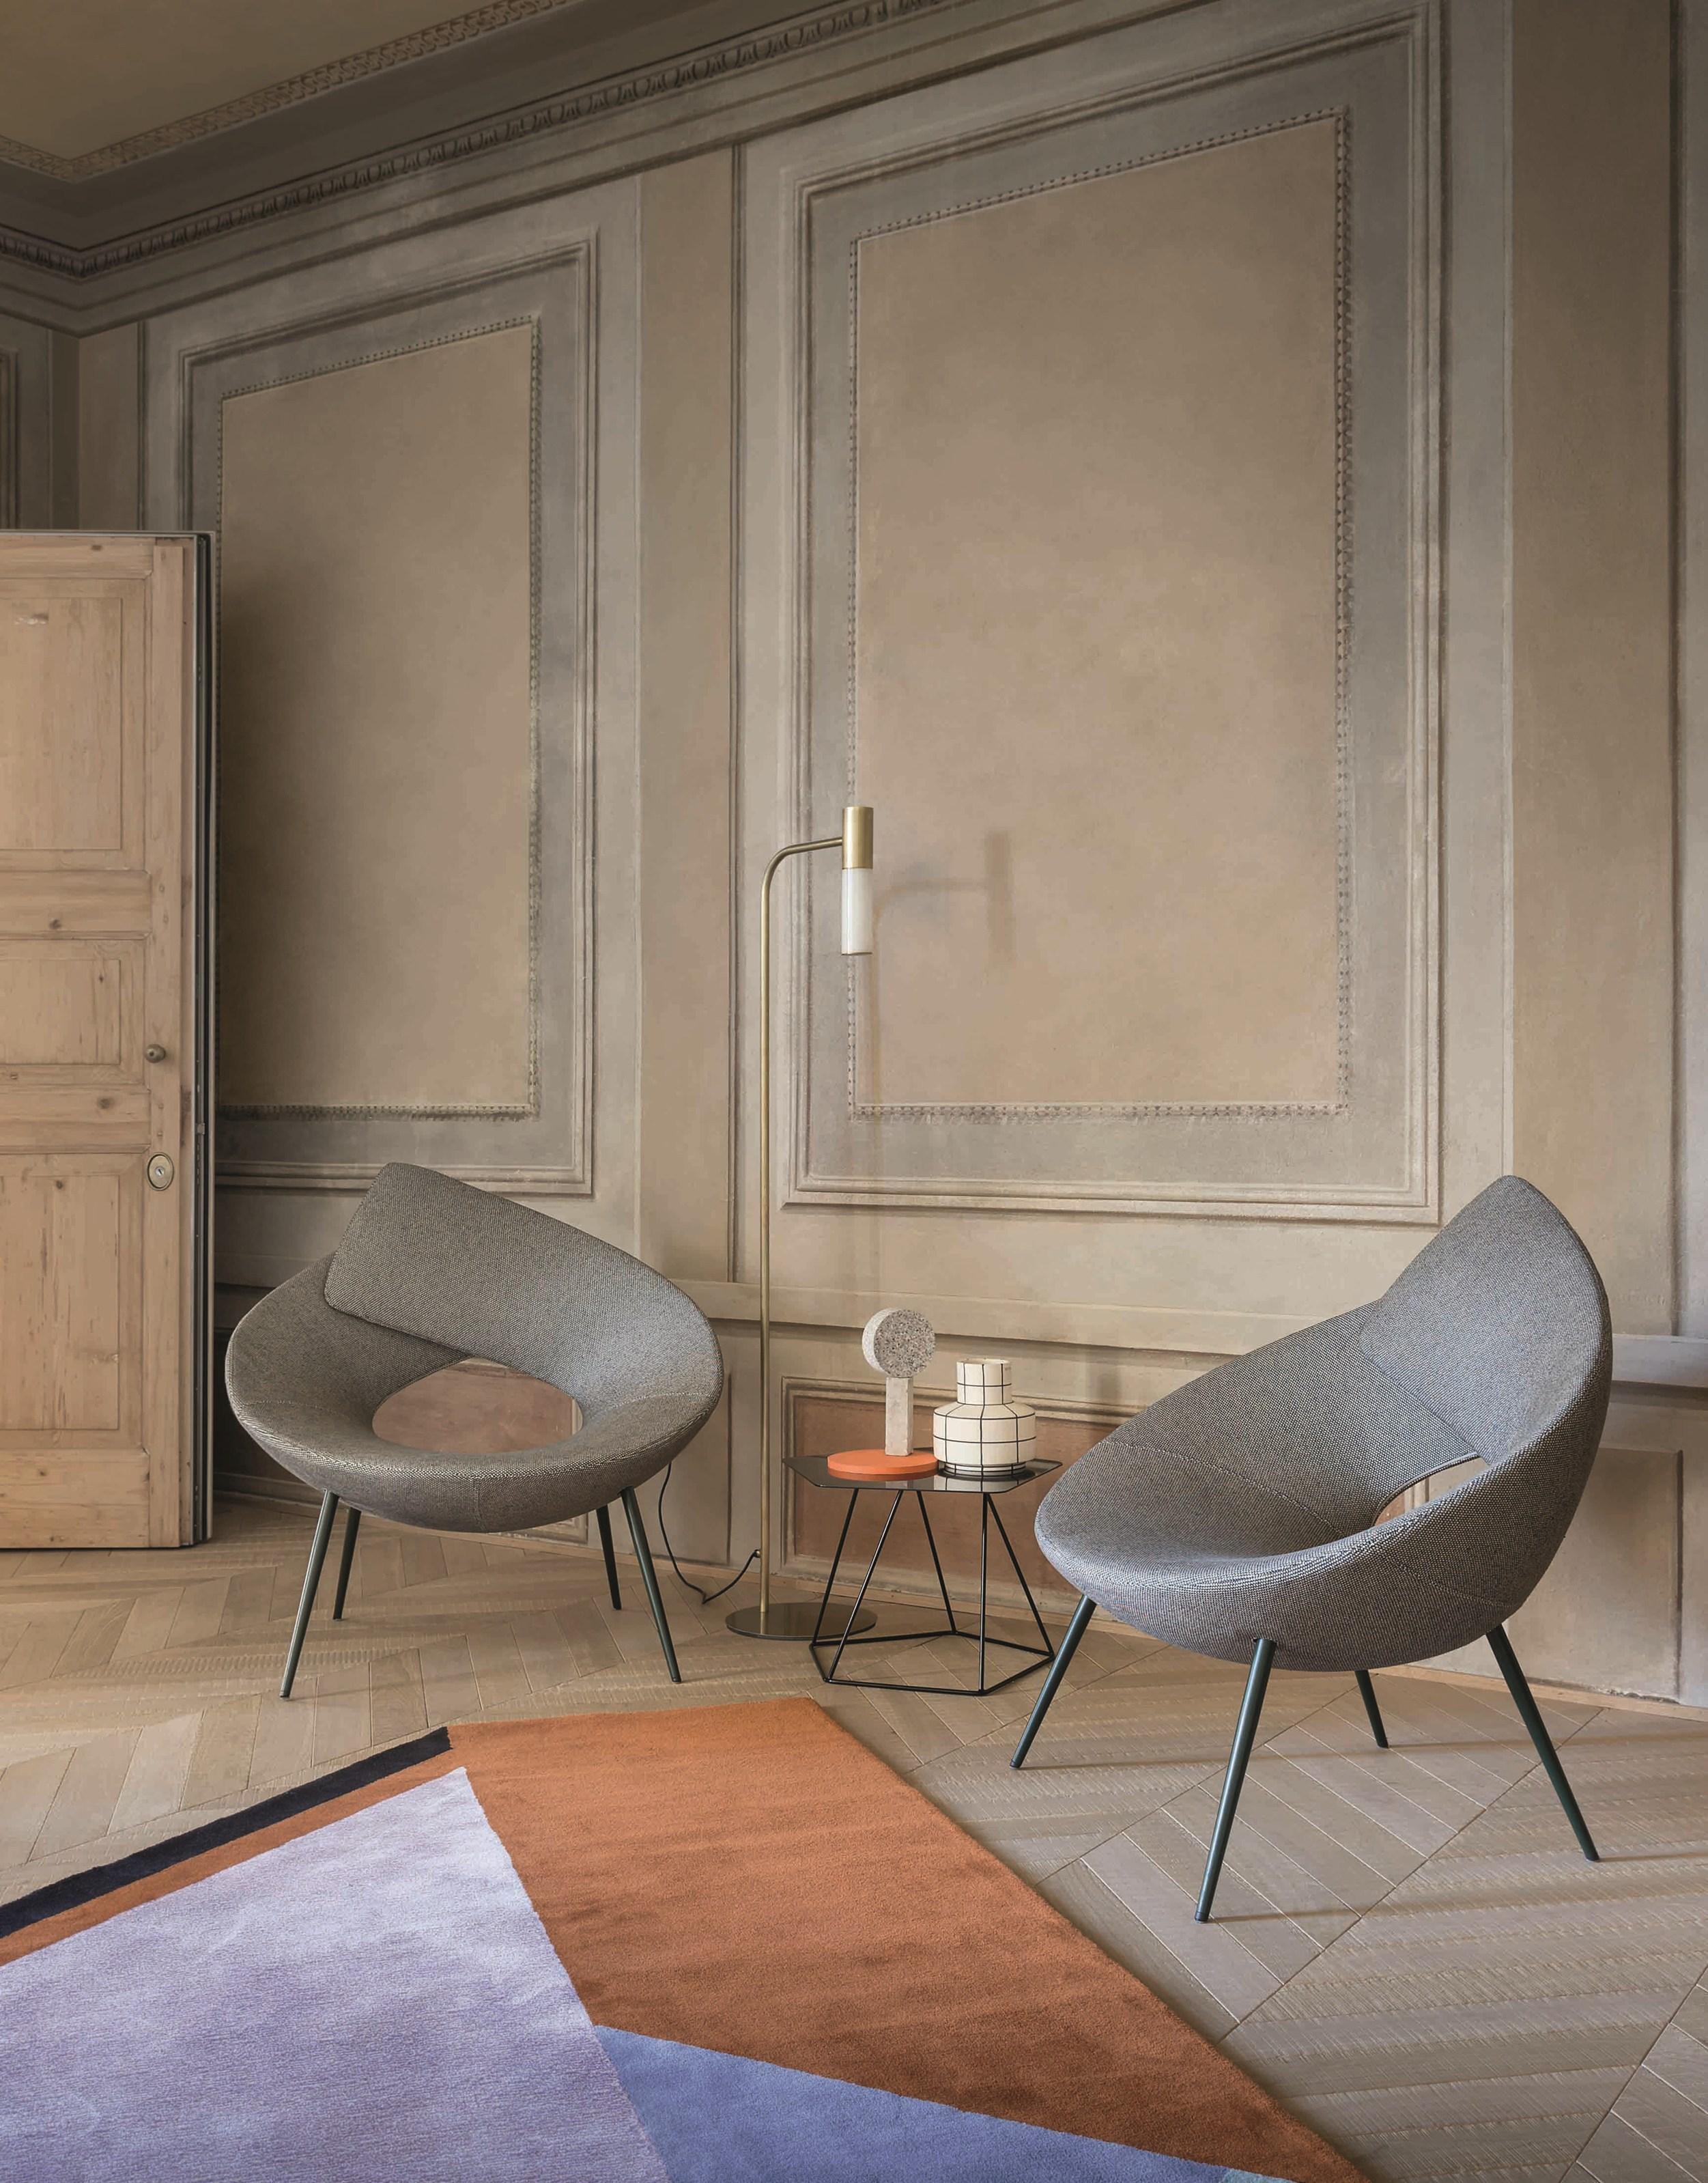 意式极简休闲椅子 简单锁椅  Bonaldo 设计师 Alessandro Busana